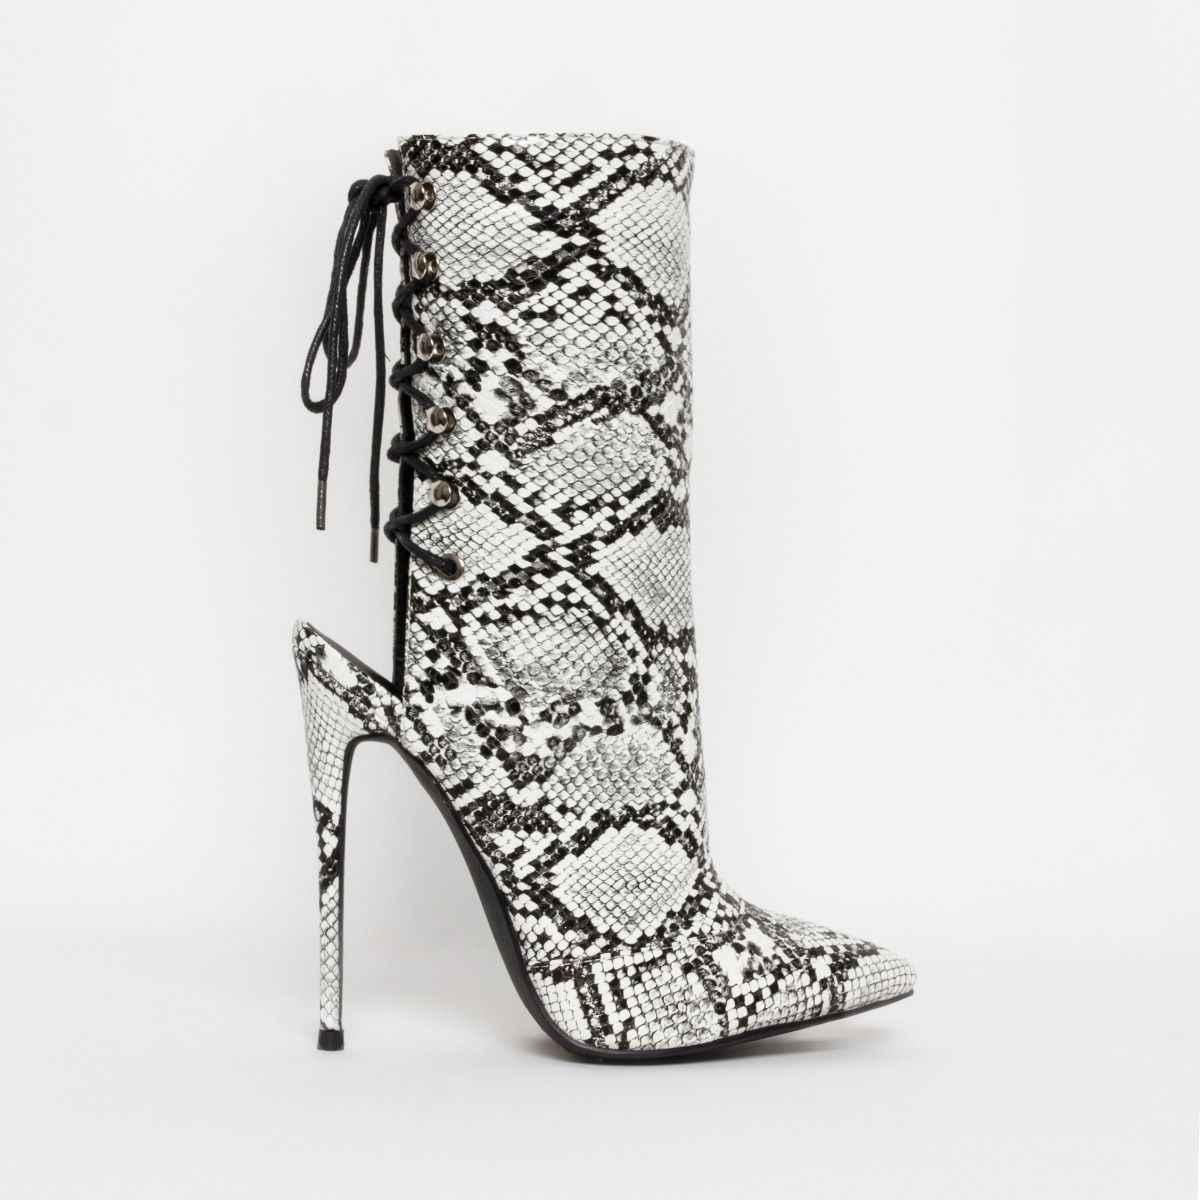 Serpantin kadınlar yarım çizmeler 2019 sonbahar dantel-up sivri burun Stilettos ayakkabı moda seksi Chelsea çizmeler yarım çizmeler kadınlar için